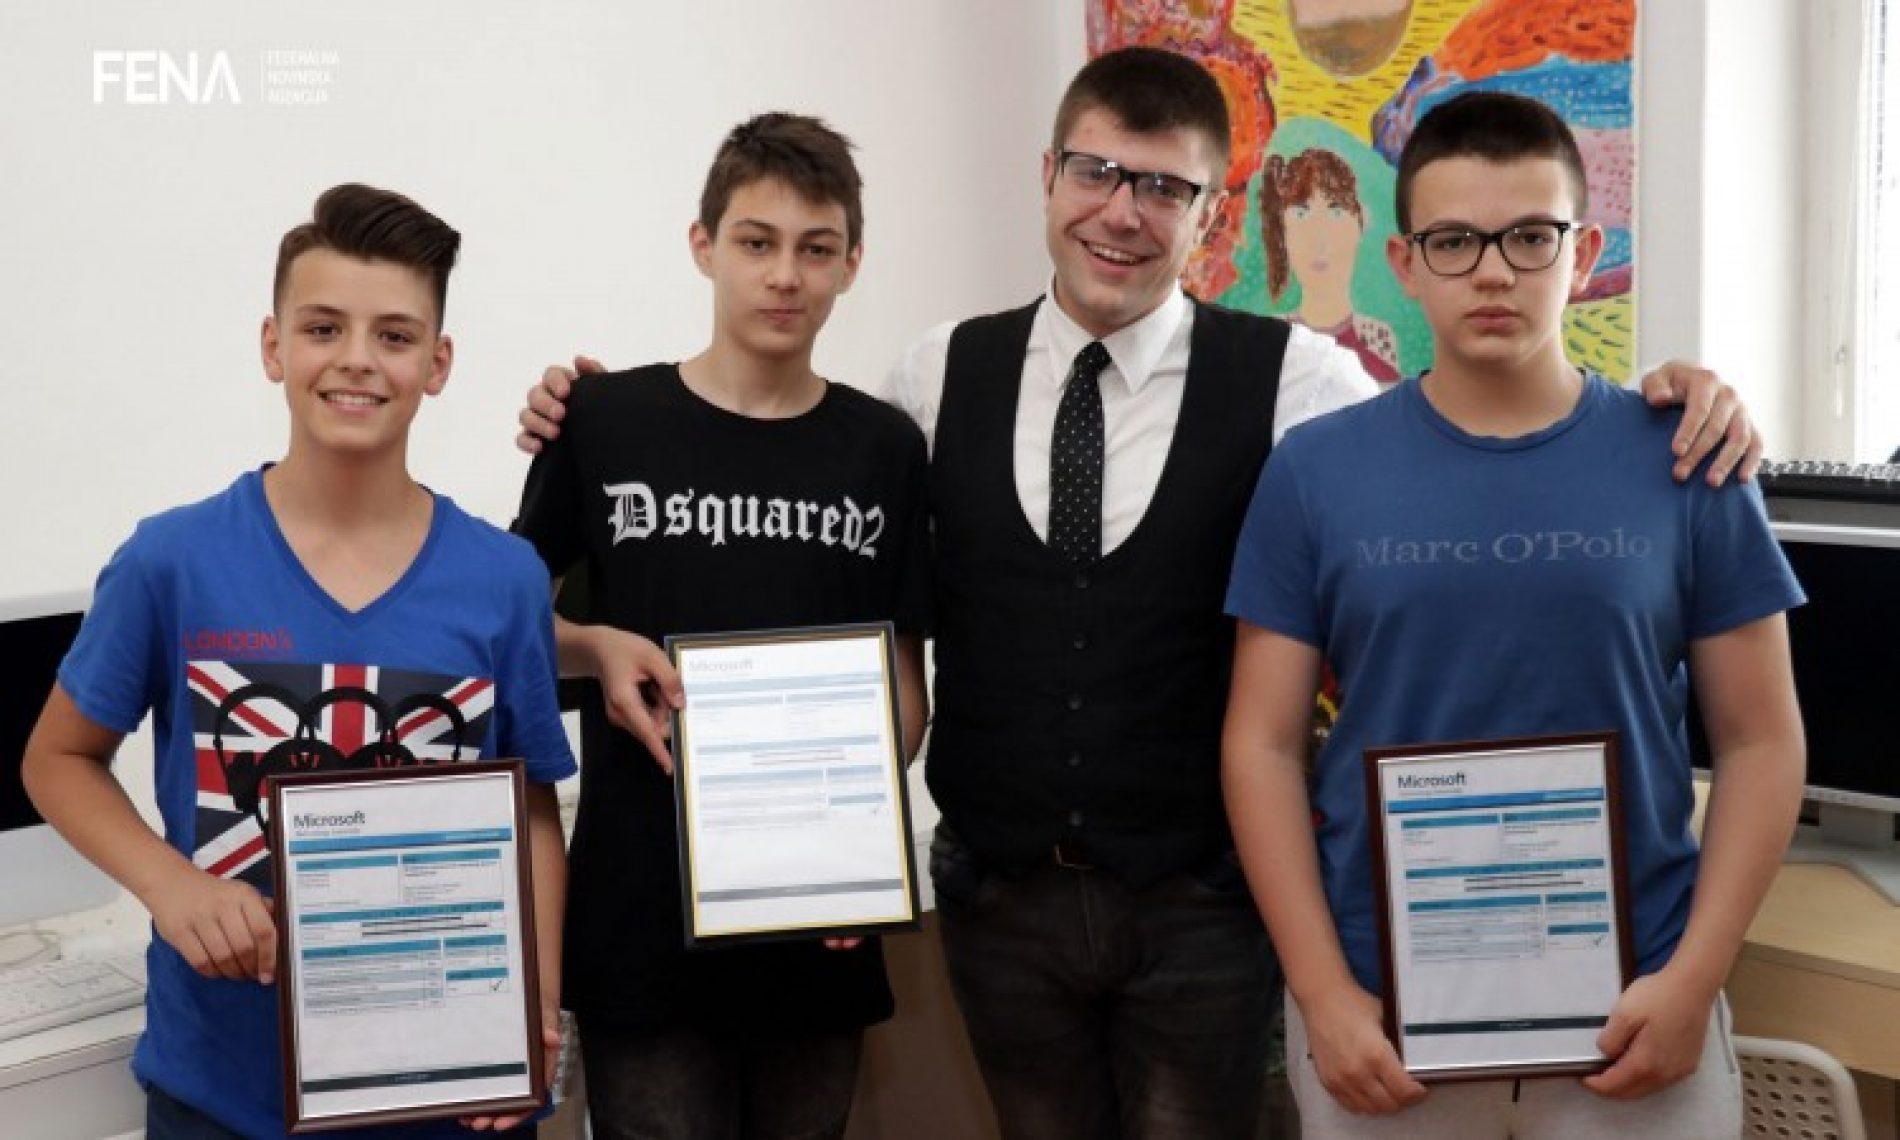 Dječaci koji imaju 13 godina i zvanje IT profesionalaca (VIDEO)